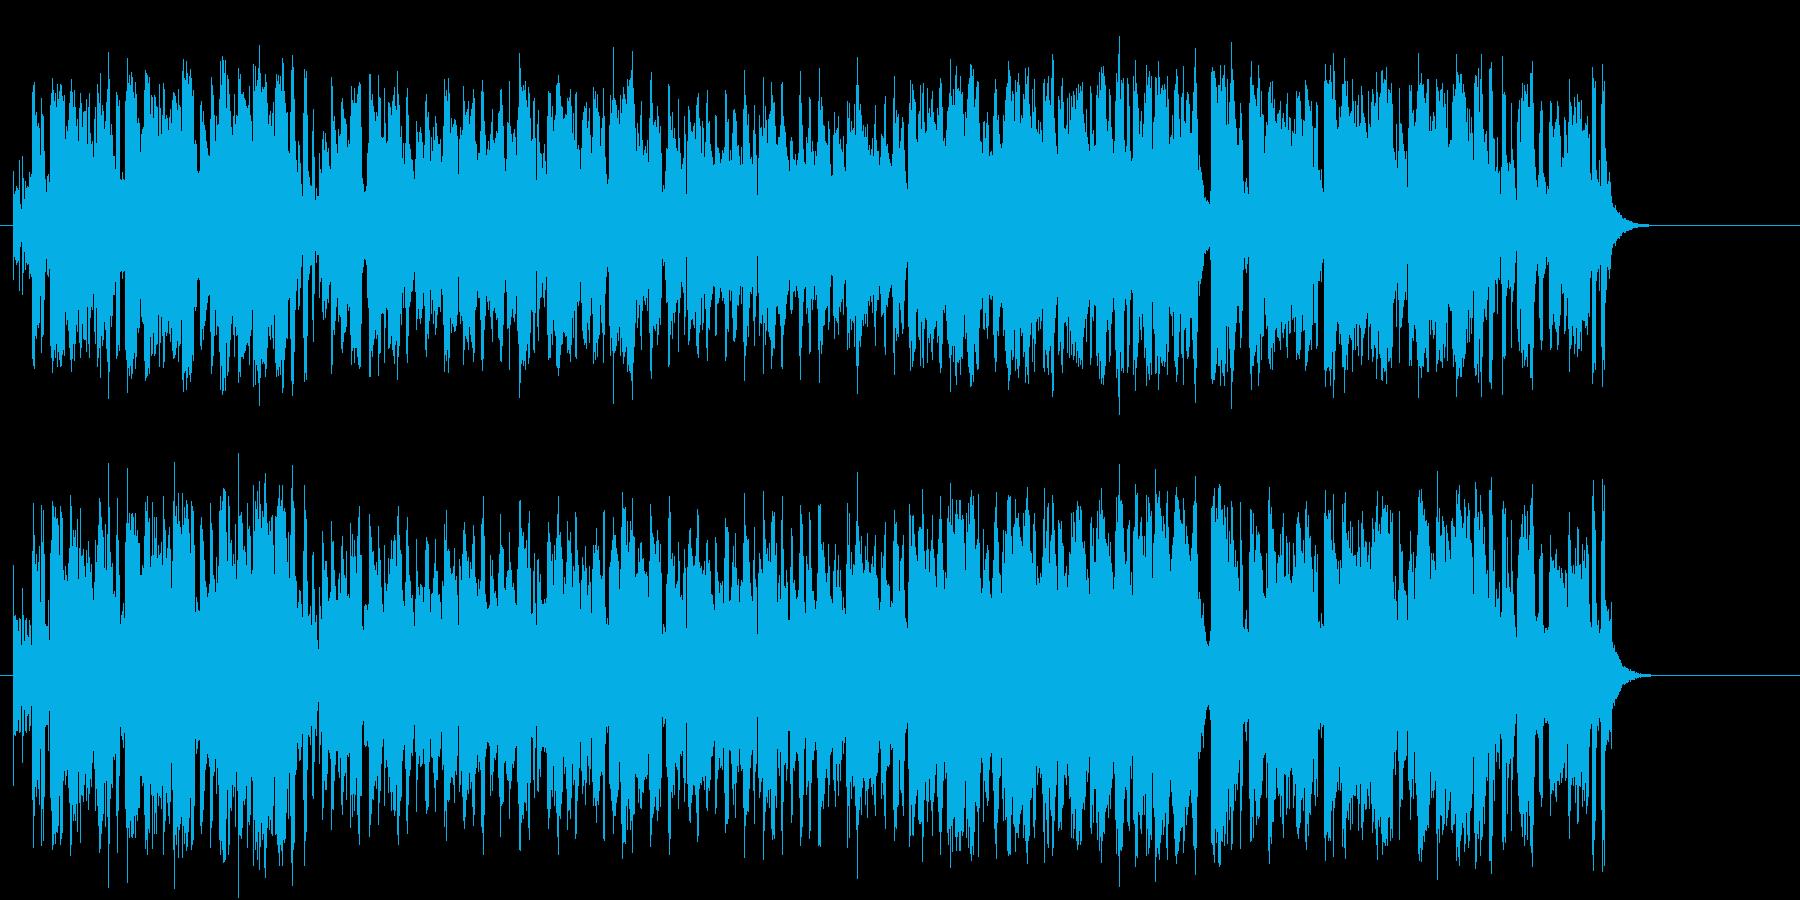 店内BG向けの陽気なデキシーランドジャズの再生済みの波形